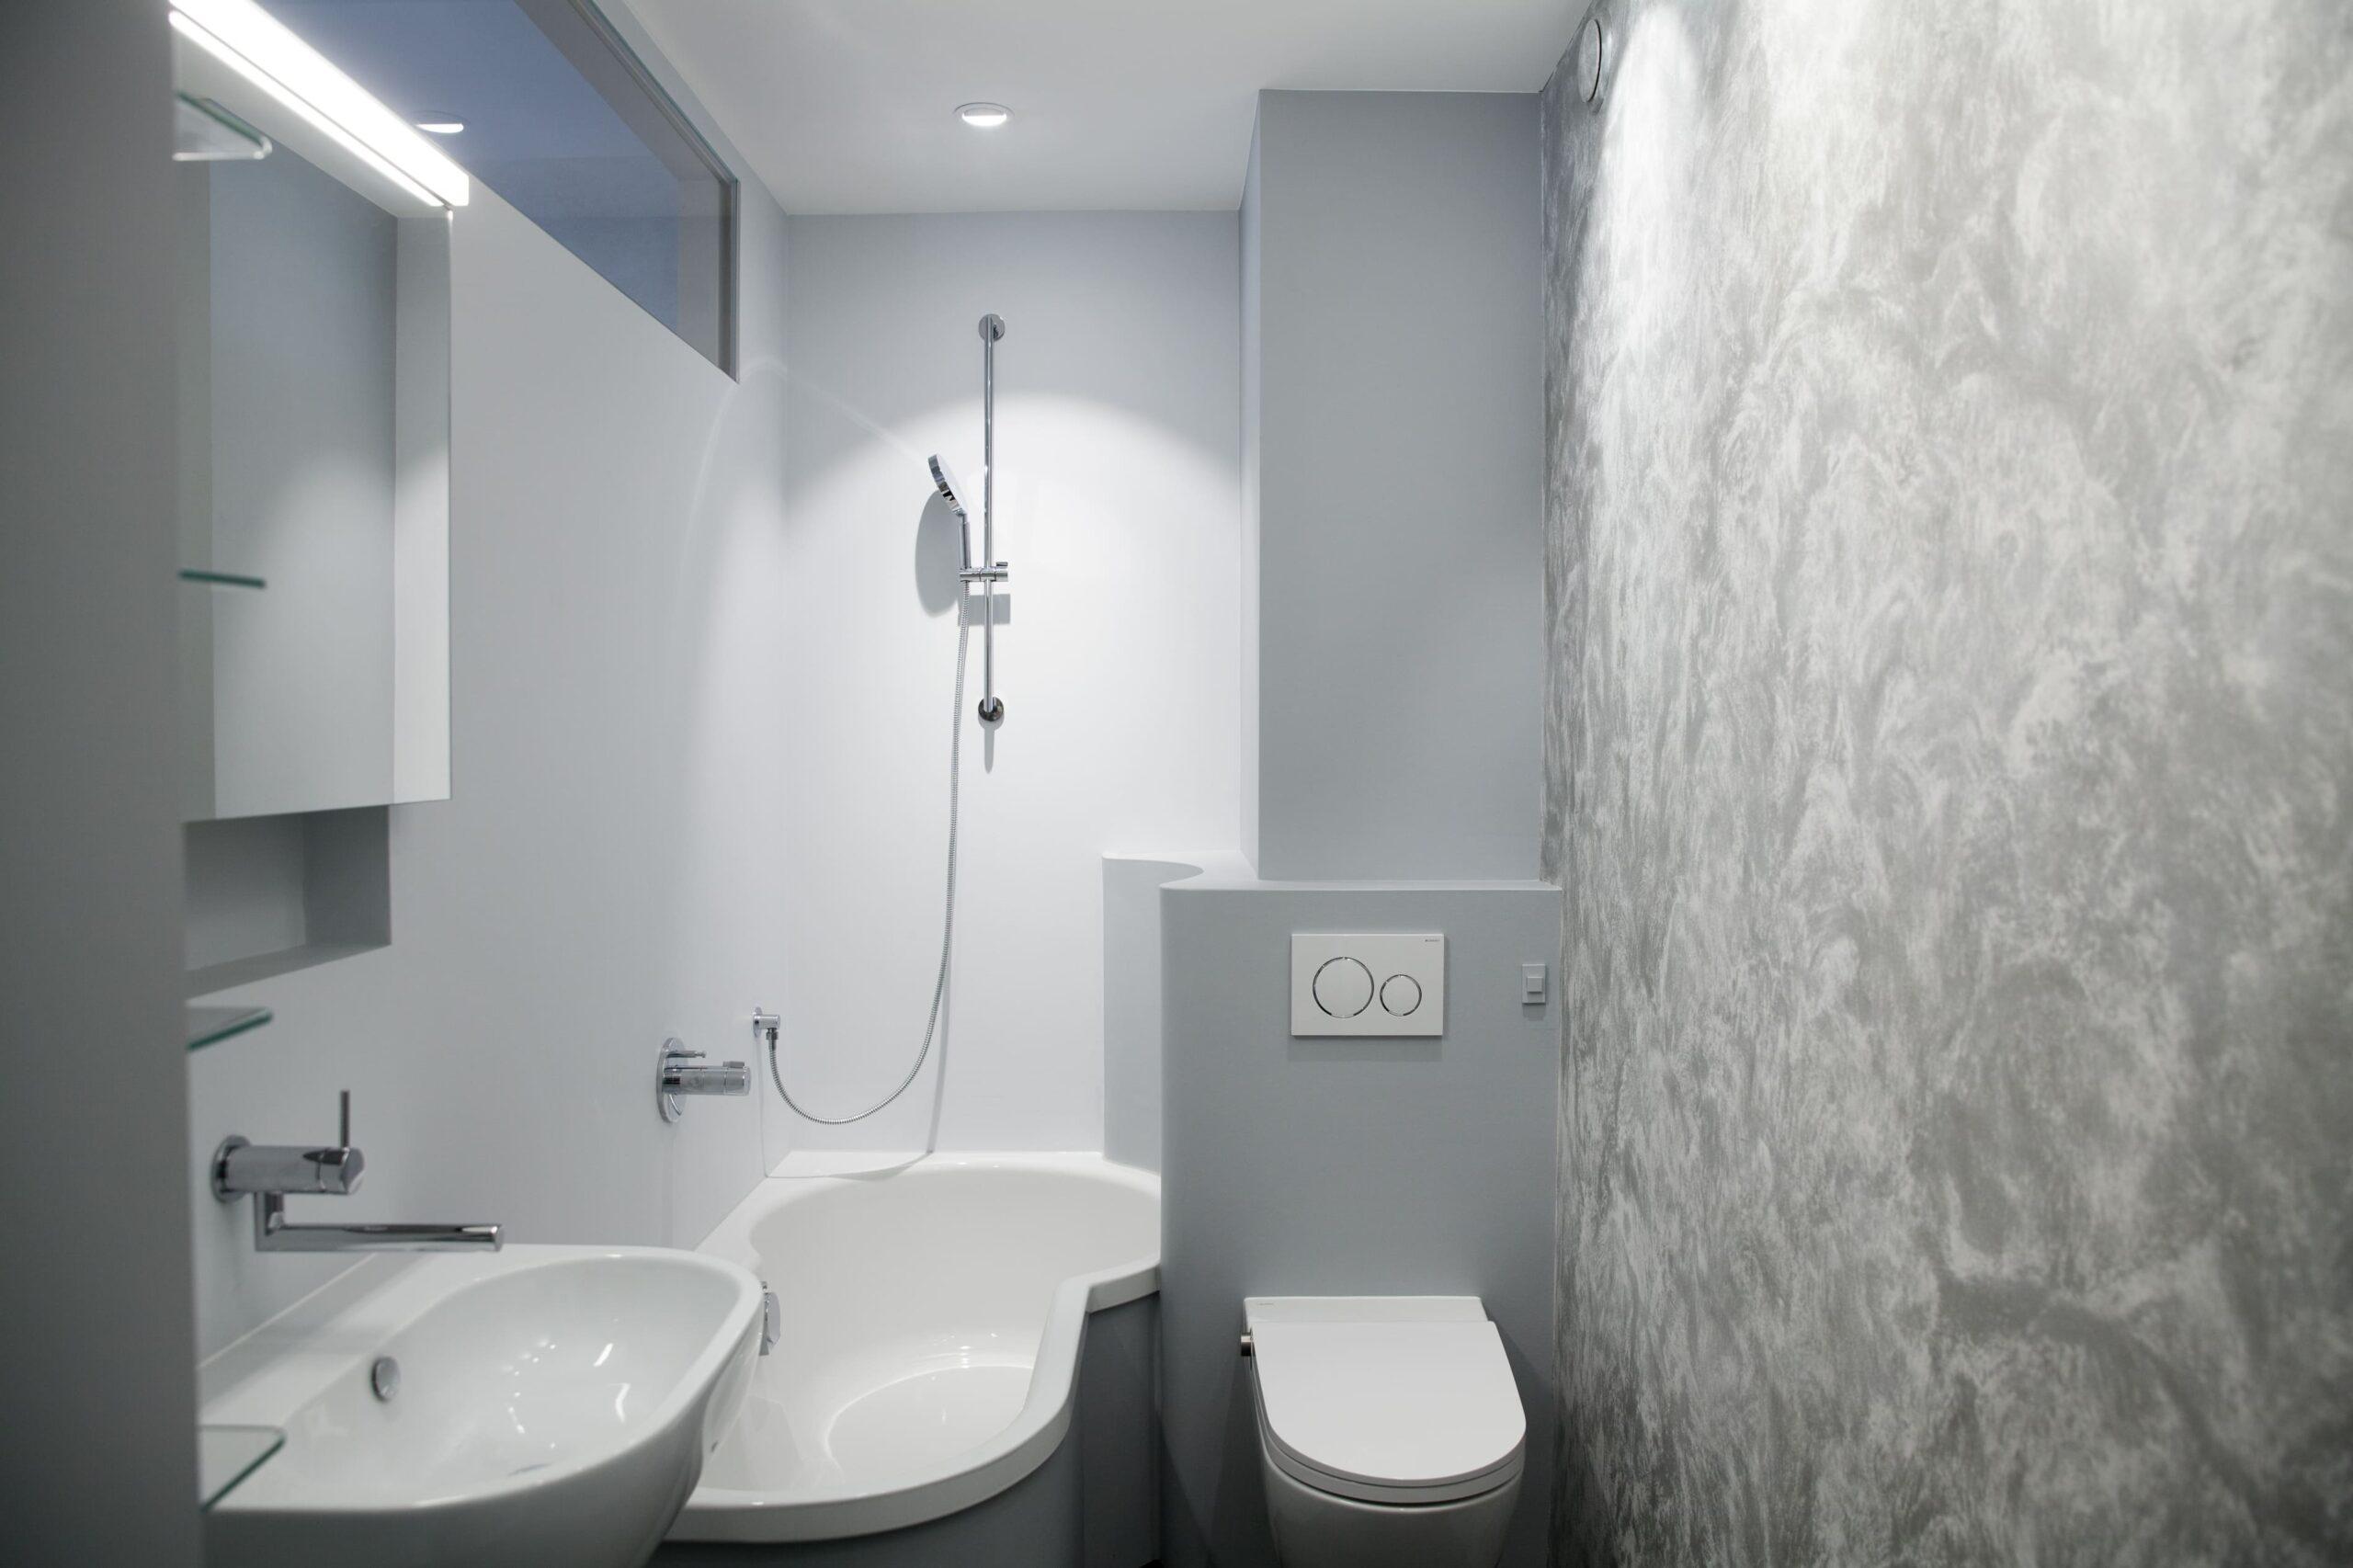 Ein Badezimmer mit Badewanne und weißen Wänden